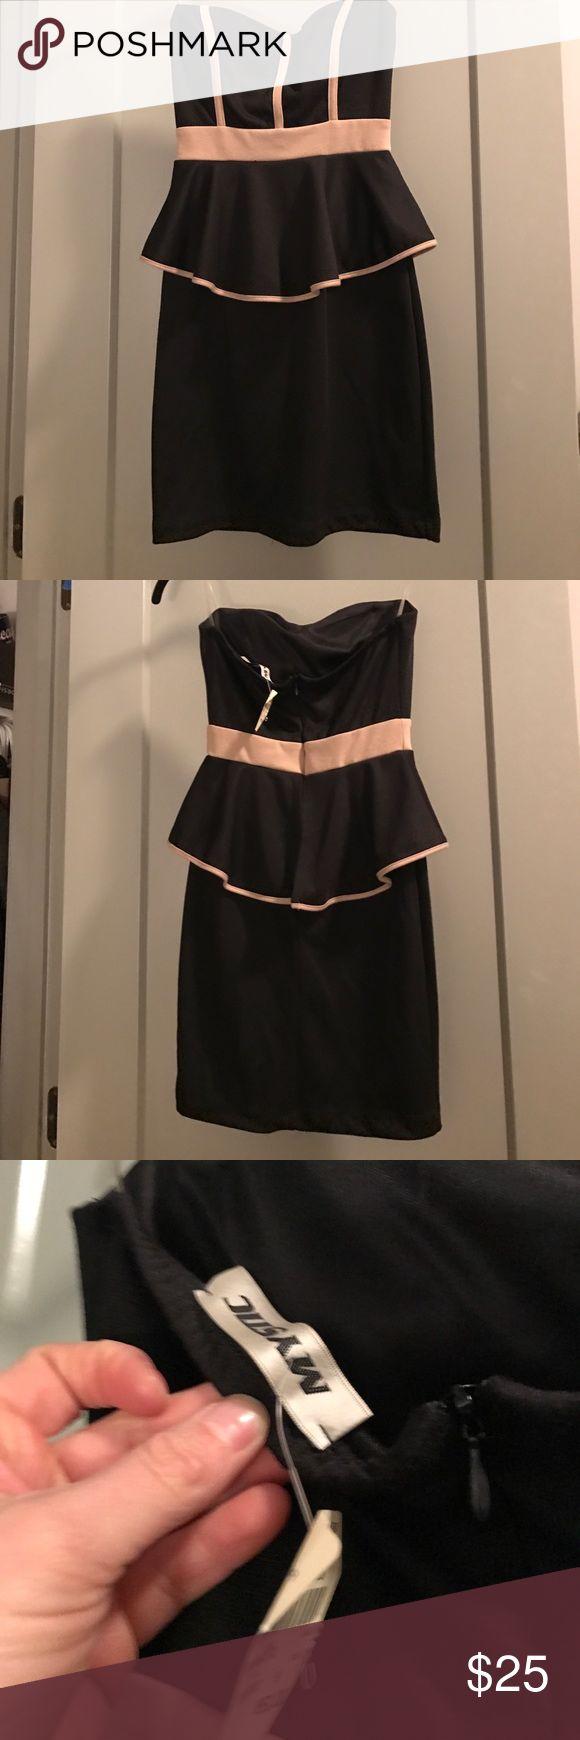 Mystic Brand From Von Maur Brand New Dress Size S Mystic Brand From Von Maur Brand New Dress Size S Mystic Dresses Mini